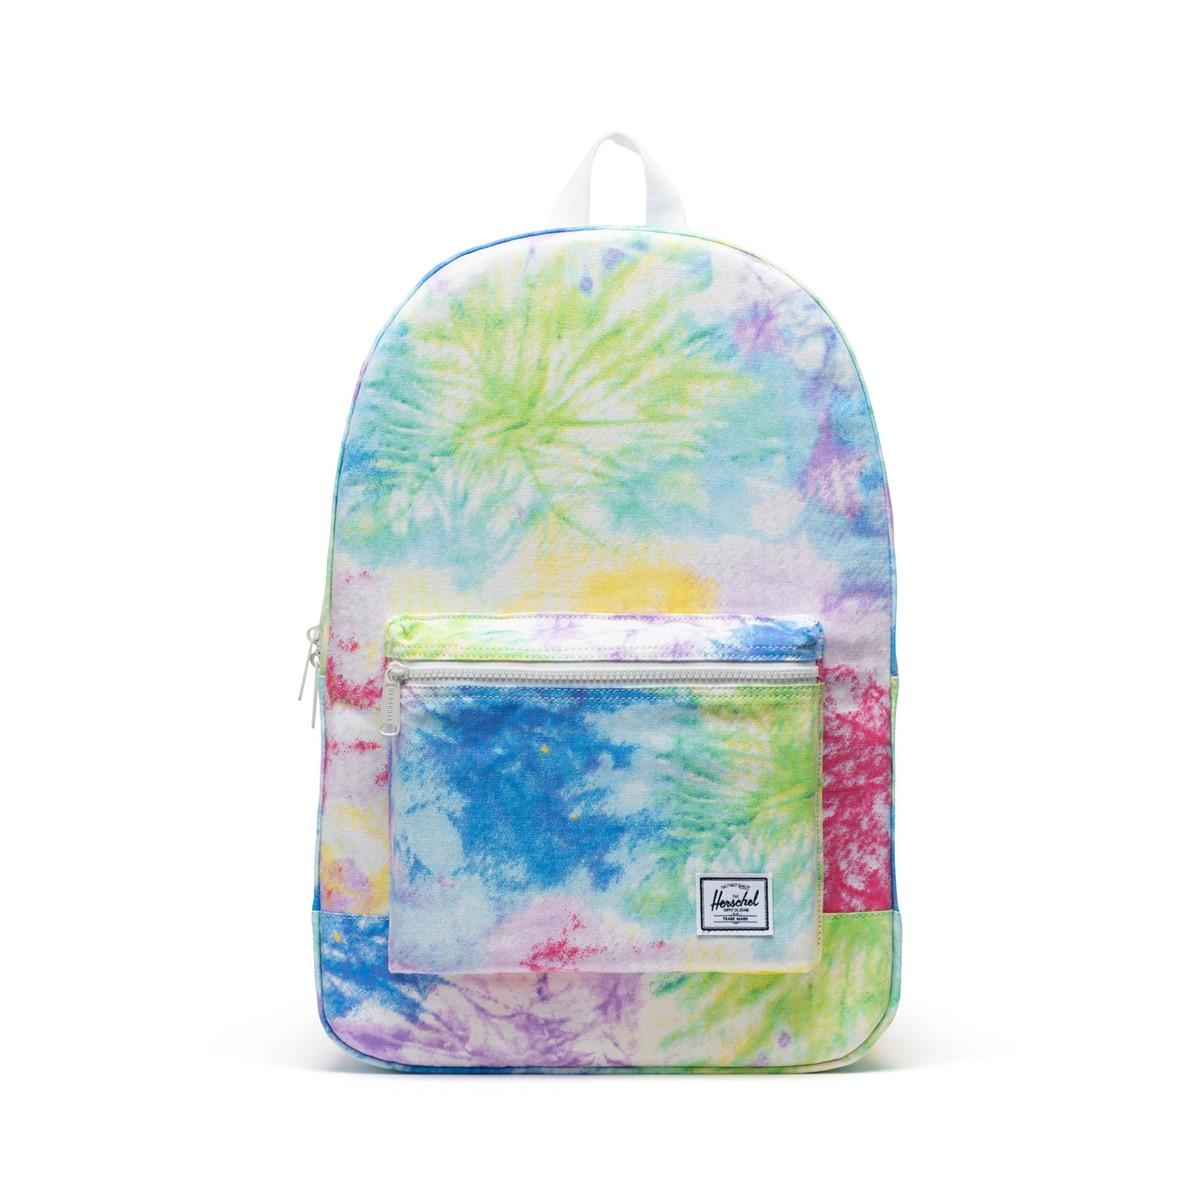 Daypack Backpack in Pastel Tie Dye